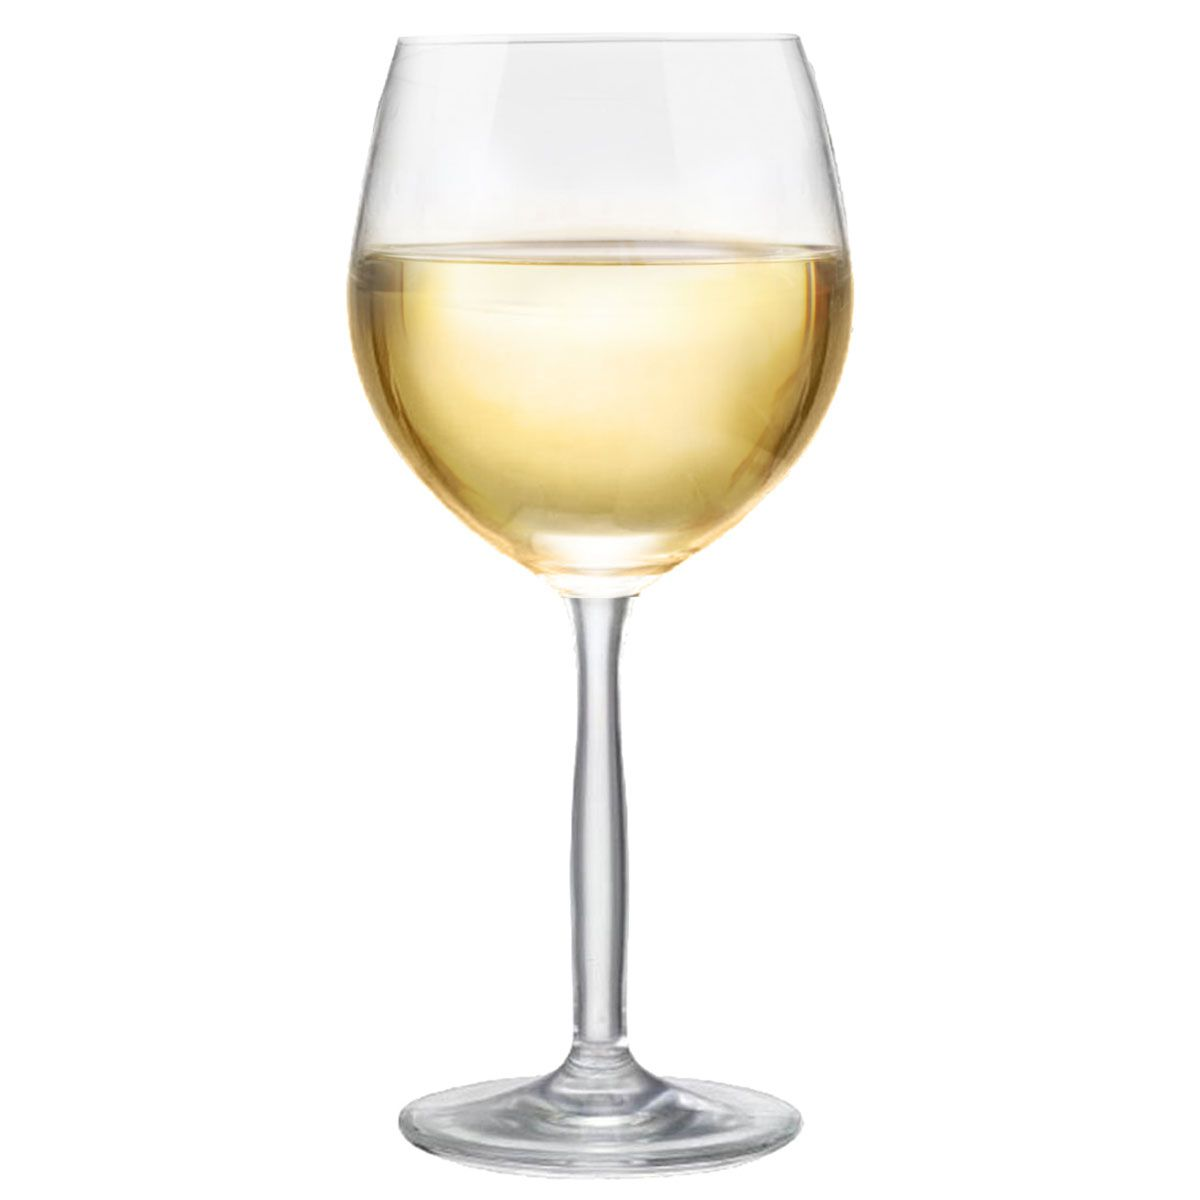 Taça de Vinho Branco de Cristal Bordeaux Branco 380ml